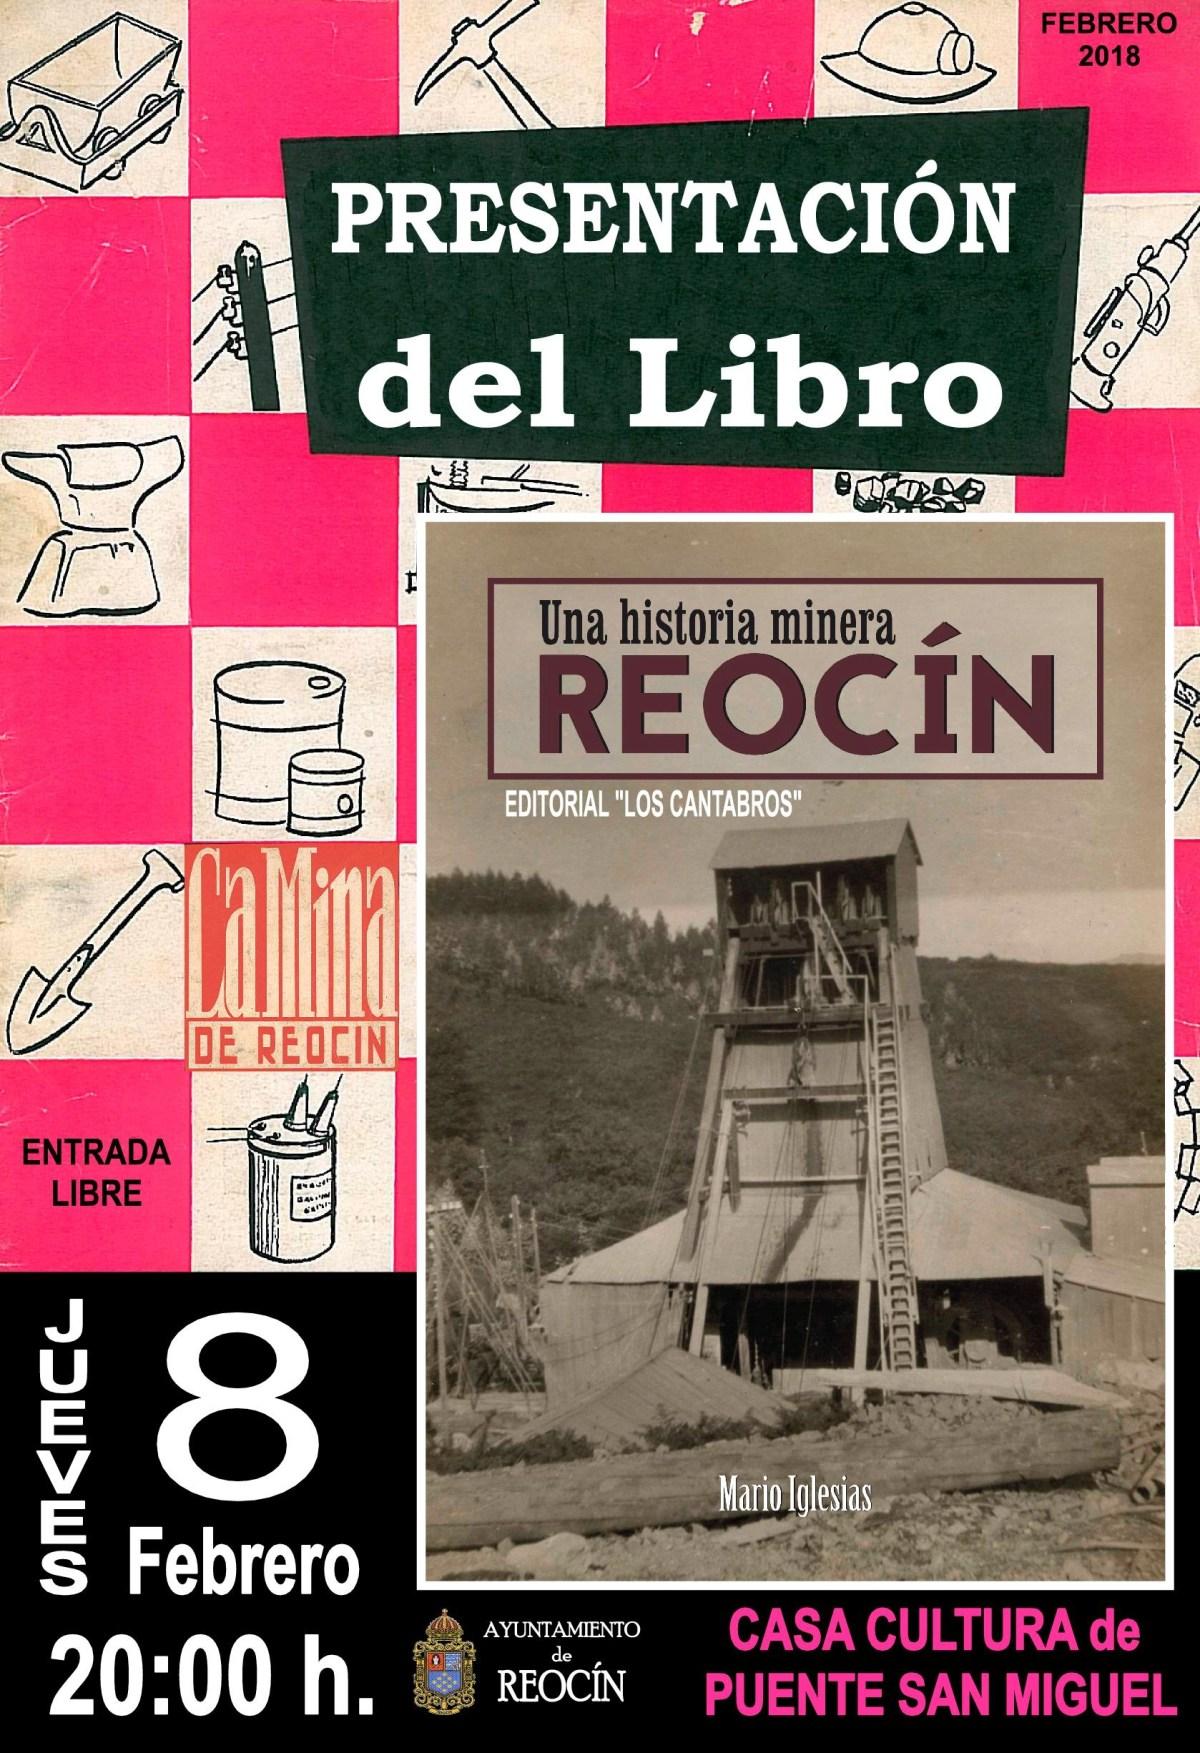 CARTEL PRESENTACION LIBRO UNA HISTORIA MINERA REOCIN2018